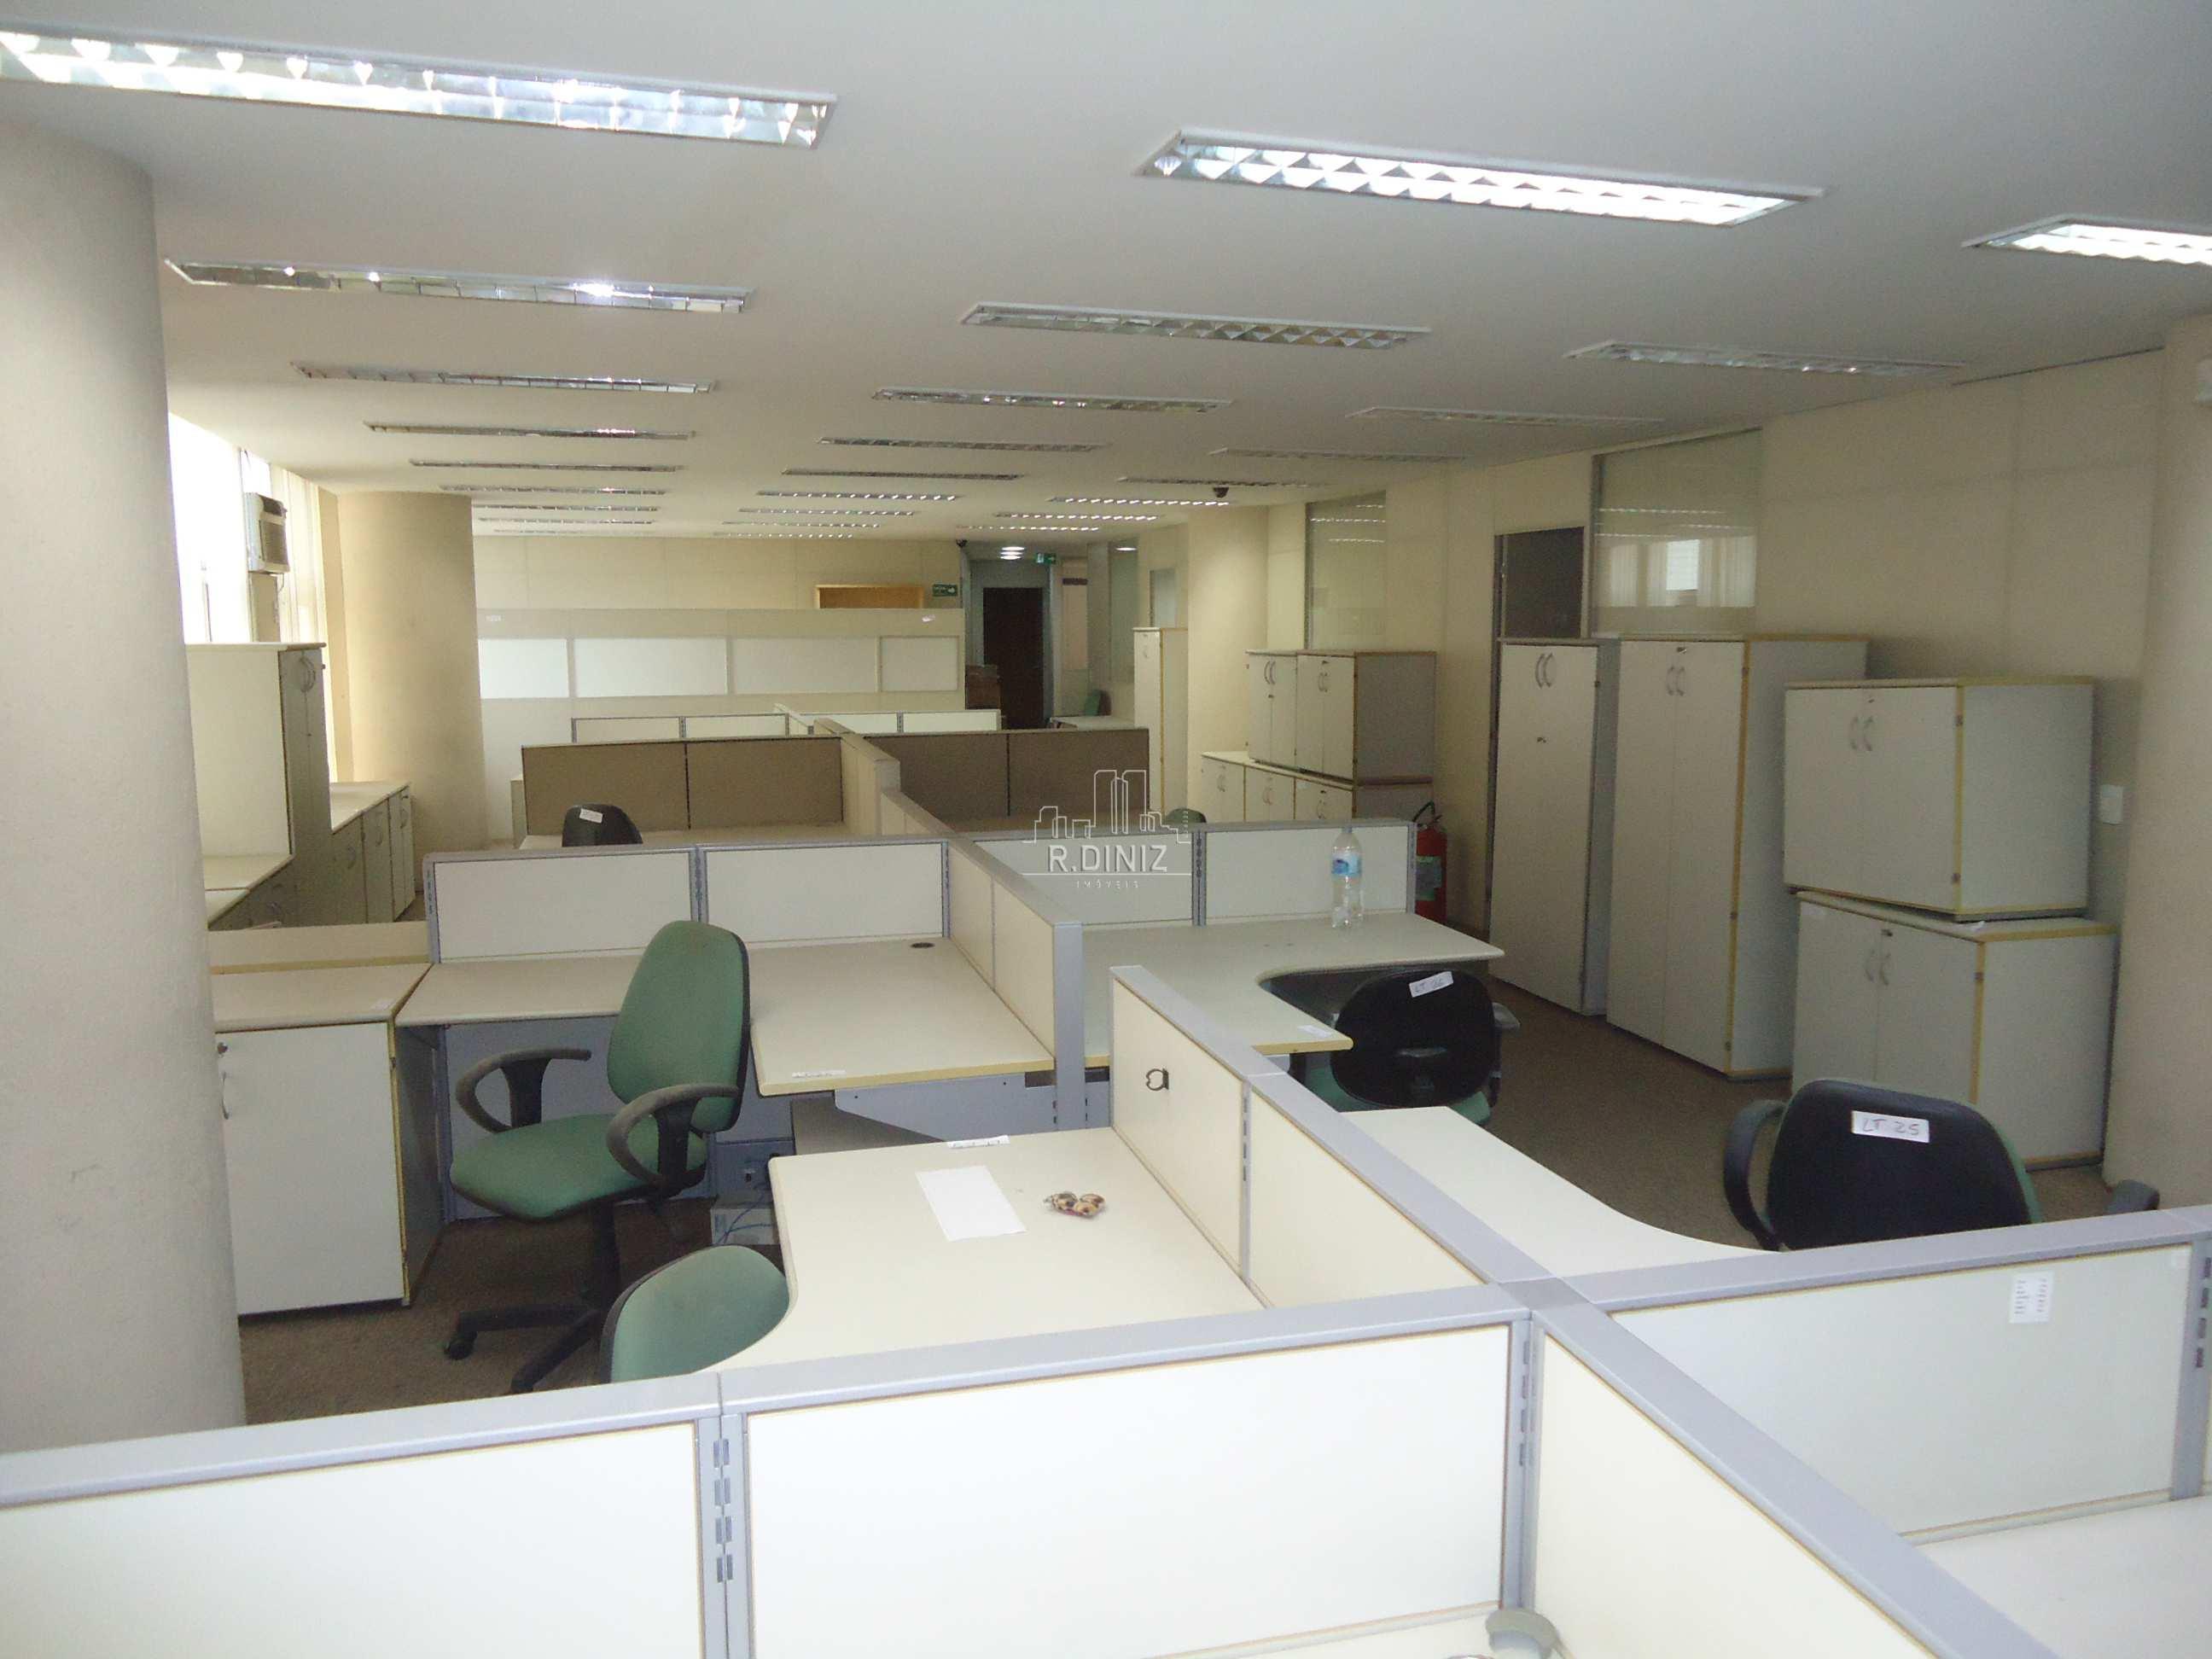 Centro, Cinelândia, Rua Senador Dantas, Andar corporativo, Aluguel, Rio de Janeiro, RJ - im011307 - 36